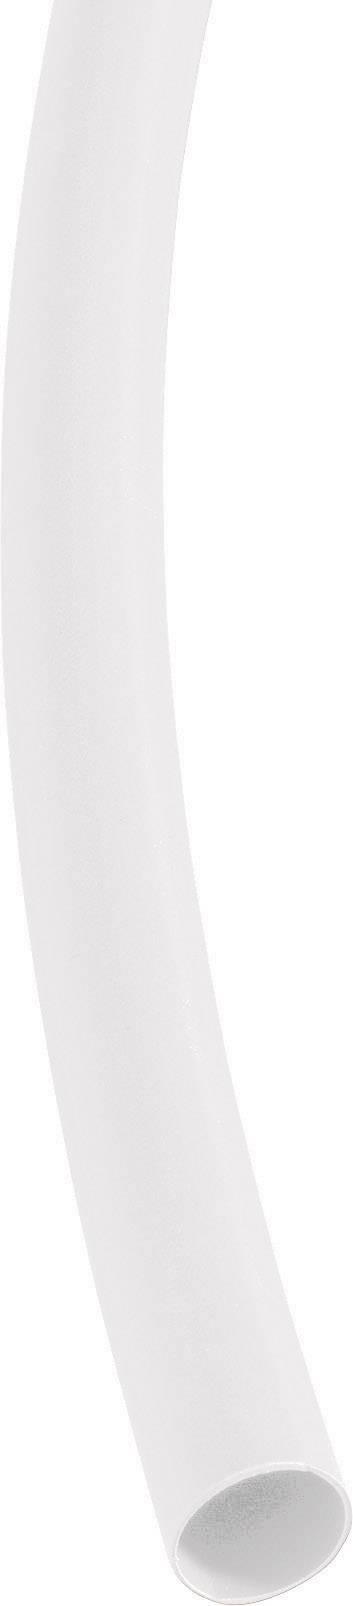 Zmršťovacia bužírka bez lepidla DSG Canusa DERAY-I3000 3290090903, 3:1, 9.50 mm, biela, metrový tovar